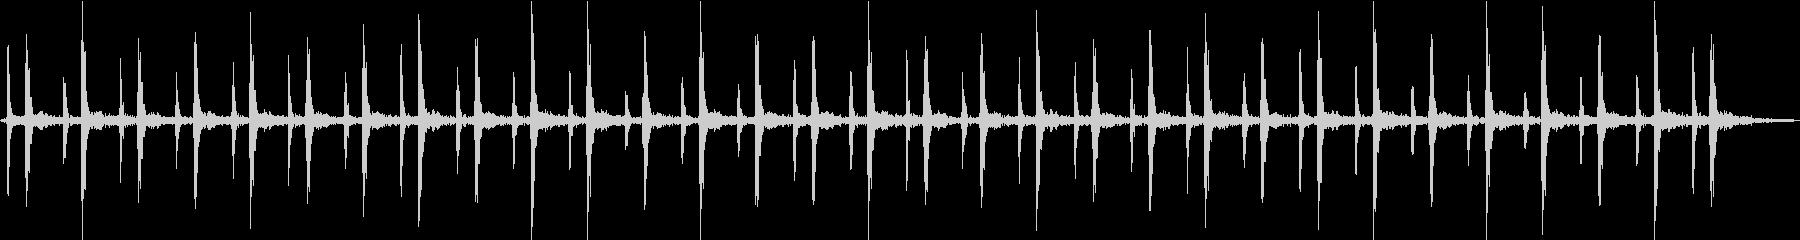 心臓の音(早い)の未再生の波形